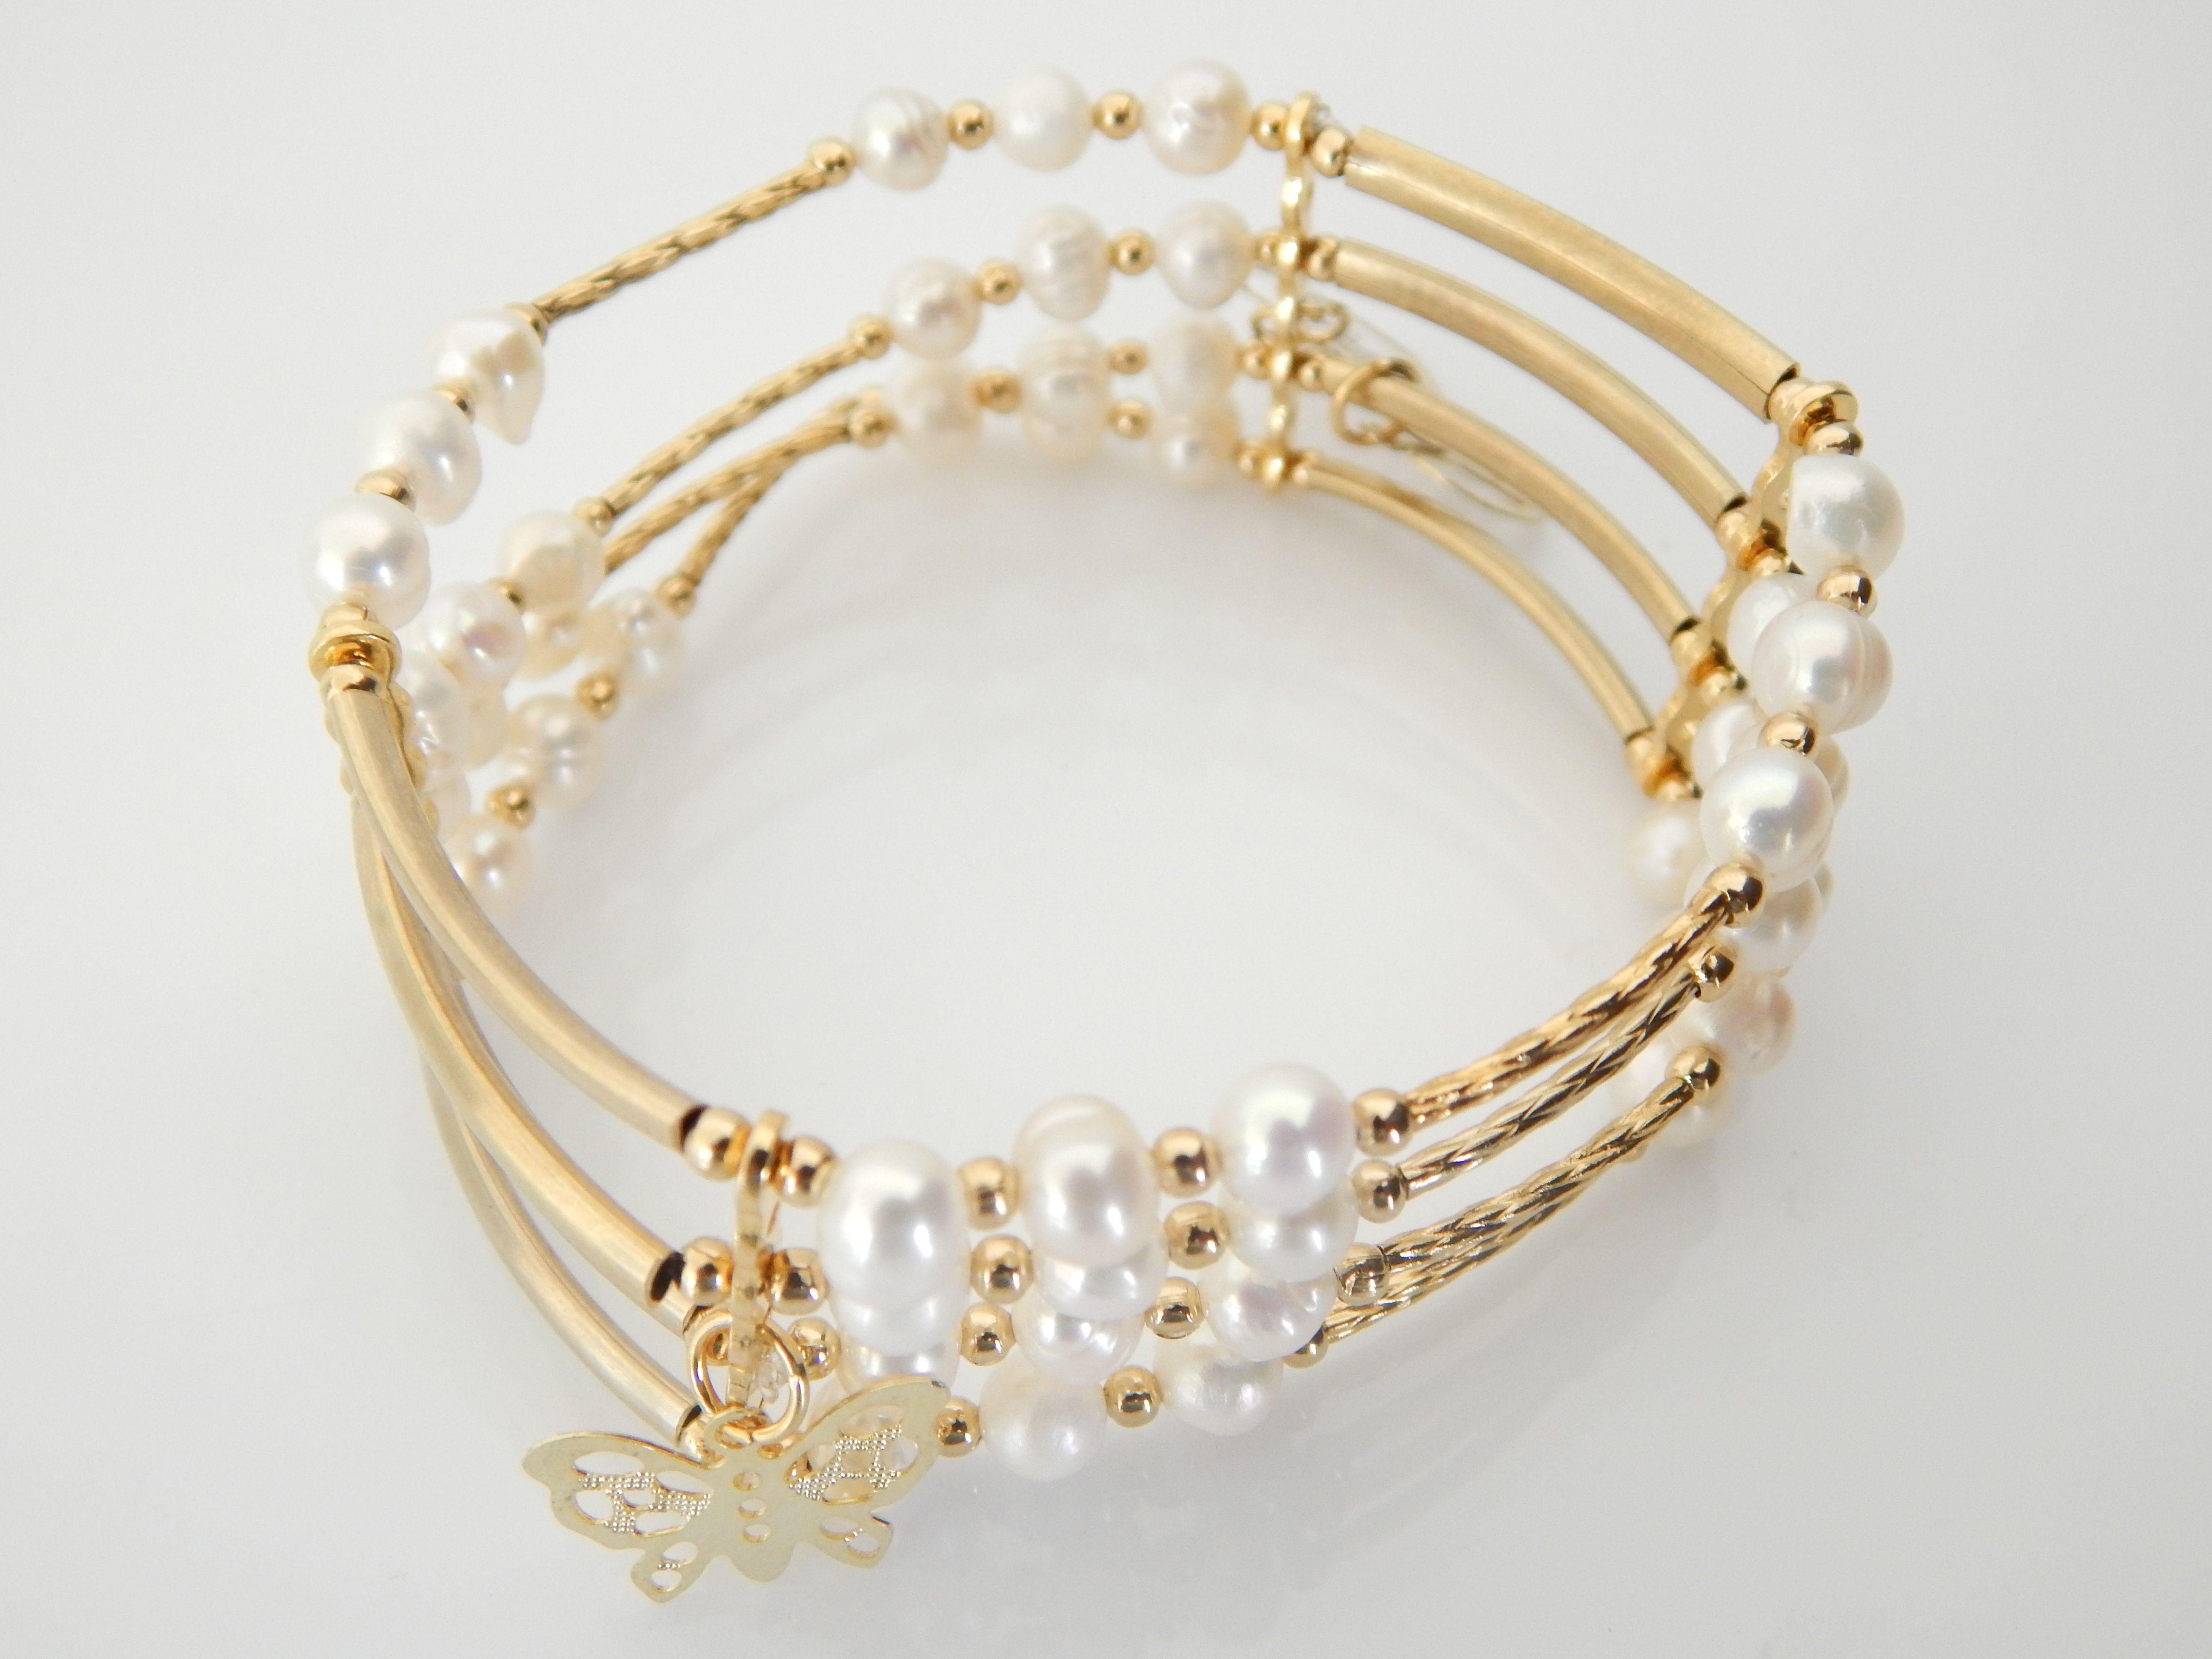 97a1b605b2b7 Modelo  SOPN3301. Hermosos Semanario chapa de 14k con perla natural ...